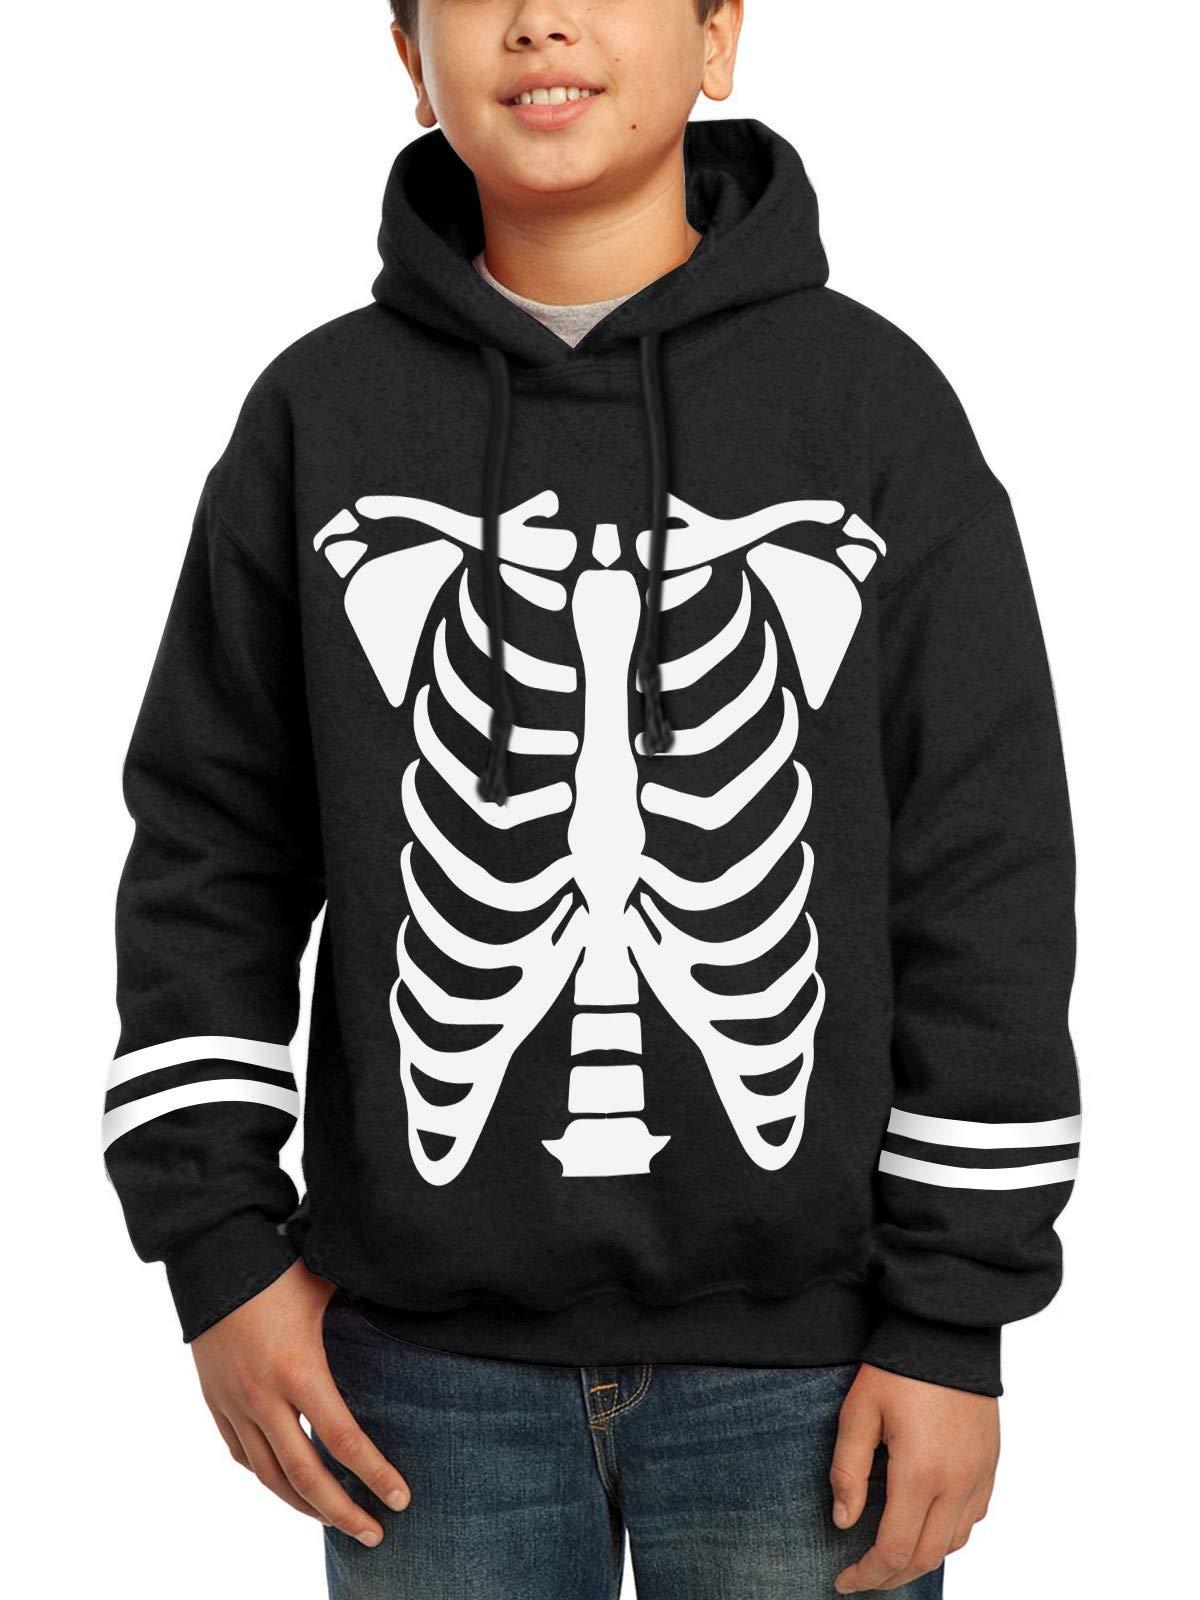 BesserBay Unisex Kid's Halloween Long Sleeve Hoodies Graphic Skeleton Printing Sweatshirts Black Pullover Tops 2-4T